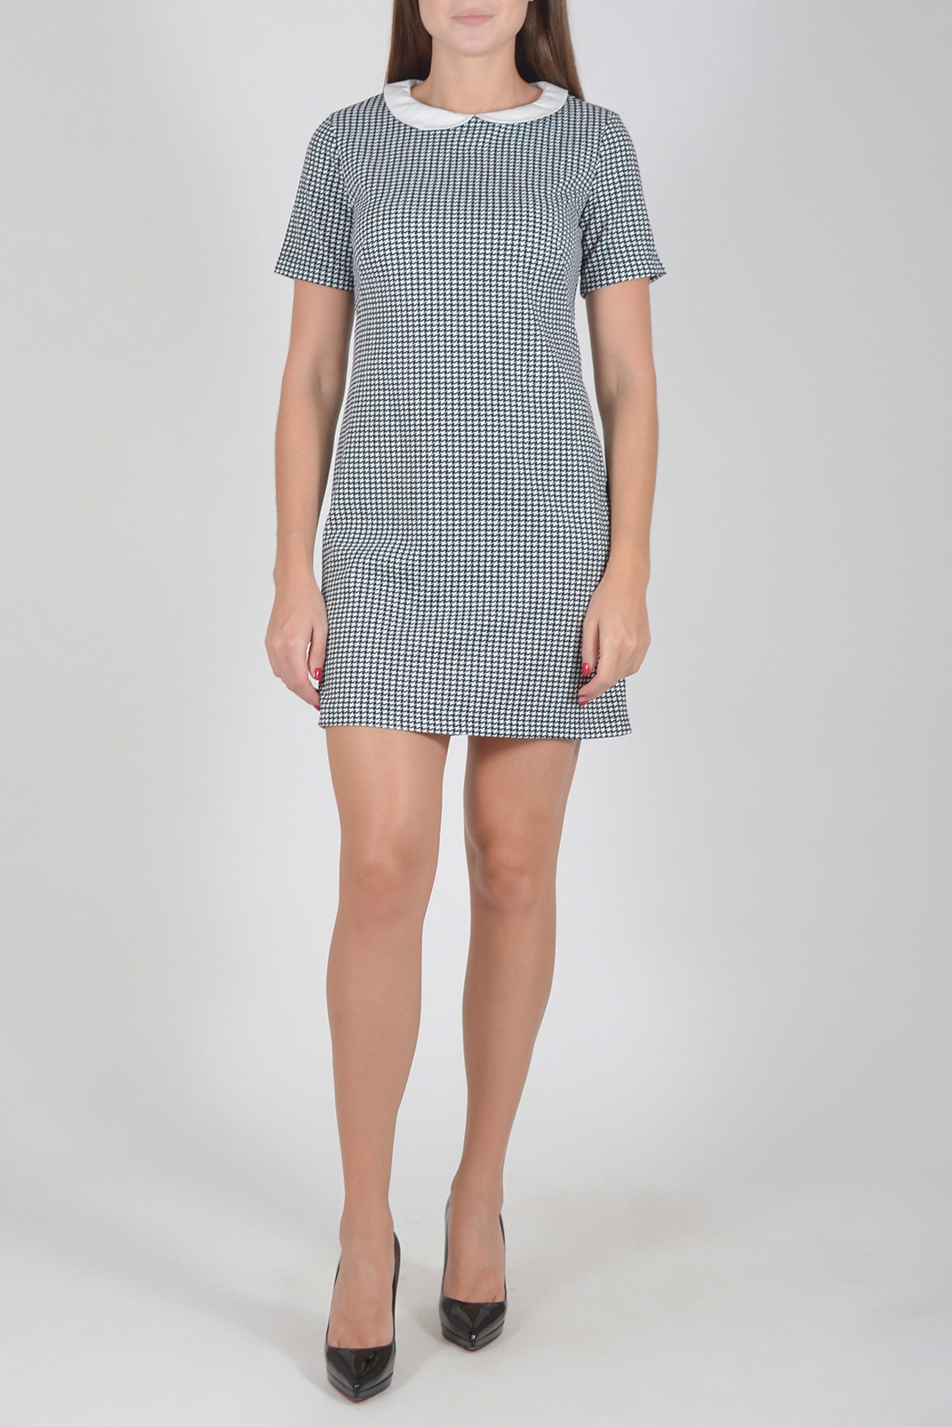 ПлатьеПлатья<br>Цветное платье с контрастным воротничком и короткими рукавами. Модель выполнена из мягкой вискозы. Отличный выбор для повседневного гардероба.  Длина изделия по спинке до 48 размера - 85 см., от 48 размера - 93 см.  В изделии использованы цвета: темно-синий, белый  Рост девушки-фотомодели 170 см.  Параметры размеров: 42 размер - обхват груди 84 см., обхват талии 66 см., обхват бедер 92 см. 44 размер - обхват груди 88 см., обхват талии 70 см., обхват бедер 96 см. 46 размер - обхват груди 92 см., обхват талии 74 см., обхват бедер 100 см. 48 размер - обхват груди 96 см., обхват талии 78 см., обхват бедер 104 см. 50 размер - обхват груди 100 см., обхват талии 82 см., обхват бедер 108 см. 52 размер - обхват груди 104 см., обхват талии 86 см., обхват бедер 112 см. 54 размер - обхват груди 108 см., обхват талии 91 см., обхват бедер 116 см. 56 размер - обхват груди 112 см., обхват талии 95 см., обхват бедер 120 см. 58 размер - обхват груди 116 см., обхват талии 100 см., обхват бедер 124 см. 60 размер - обхват груди 120 см., обхват талии 105 см., обхват бедер 128 см.<br><br>Воротник: Отложной<br>Горловина: С- горловина<br>По длине: До колена<br>По материалу: Вискоза<br>По рисунку: С принтом,Цветные<br>По силуэту: Полуприталенные<br>По стилю: Повседневный стиль<br>По форме: Платье - футляр<br>Рукав: Короткий рукав<br>По сезону: Осень,Весна<br>Размер : 44,46,48,50,52<br>Материал: Трикотаж<br>Количество в наличии: 10